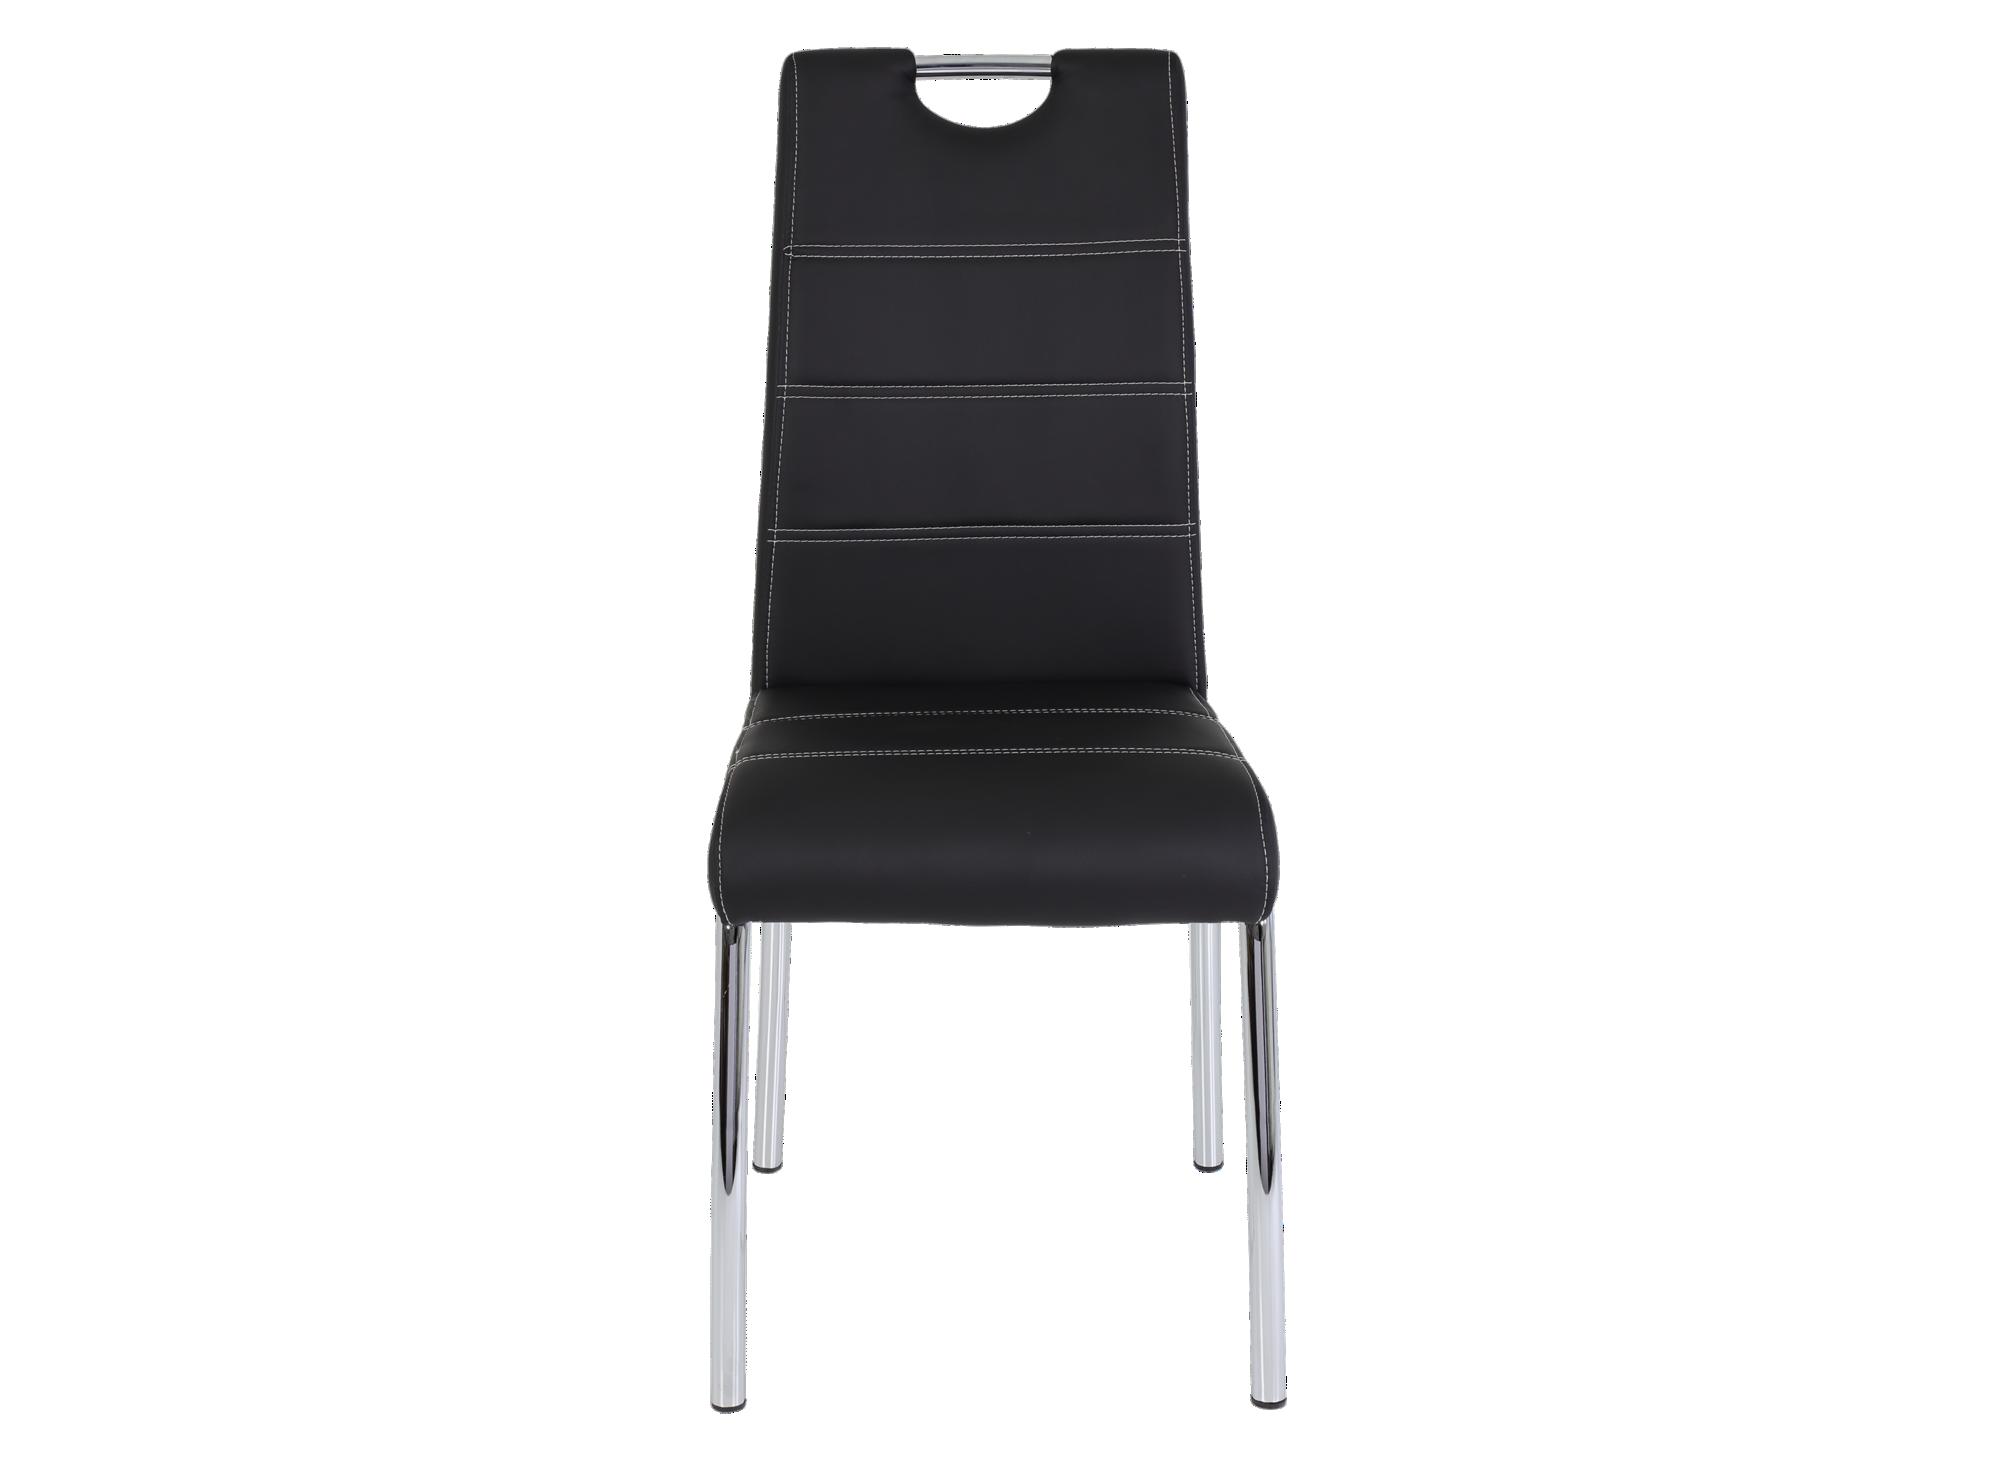 Chaise structure en metal assise en panneaux de particules garnissage ...